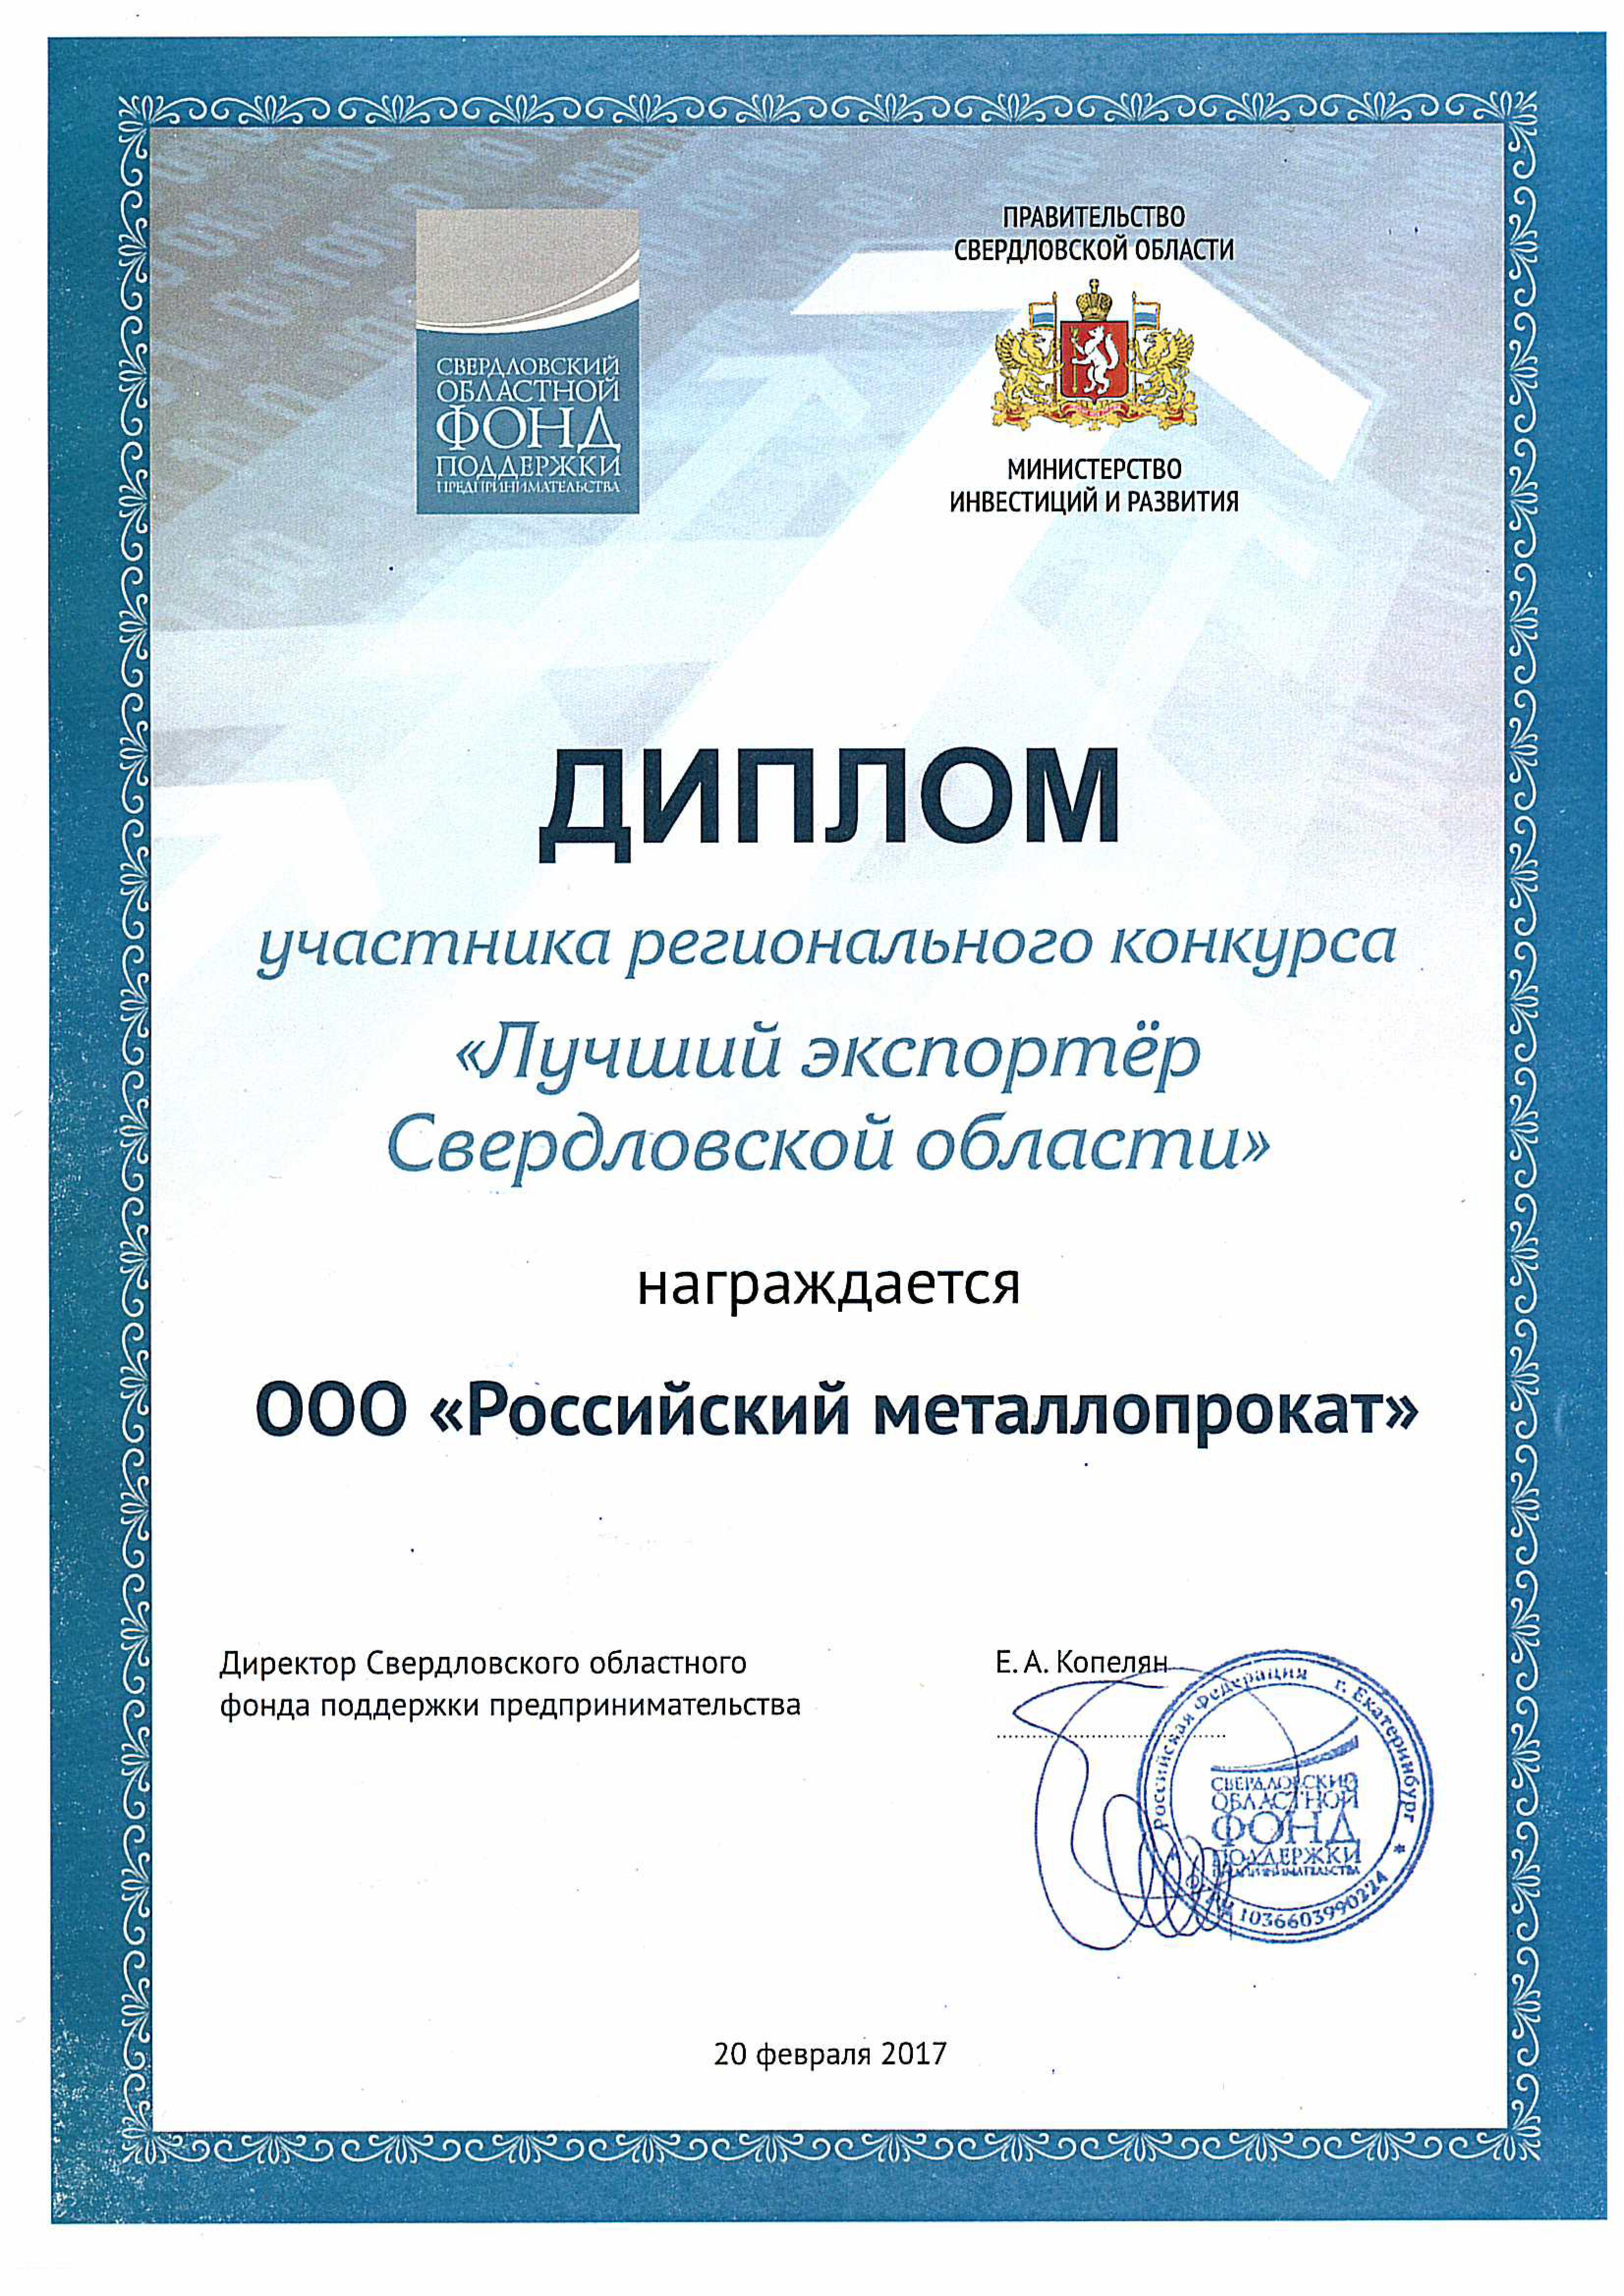 Диплом за успешную экспортную деятельность 2017